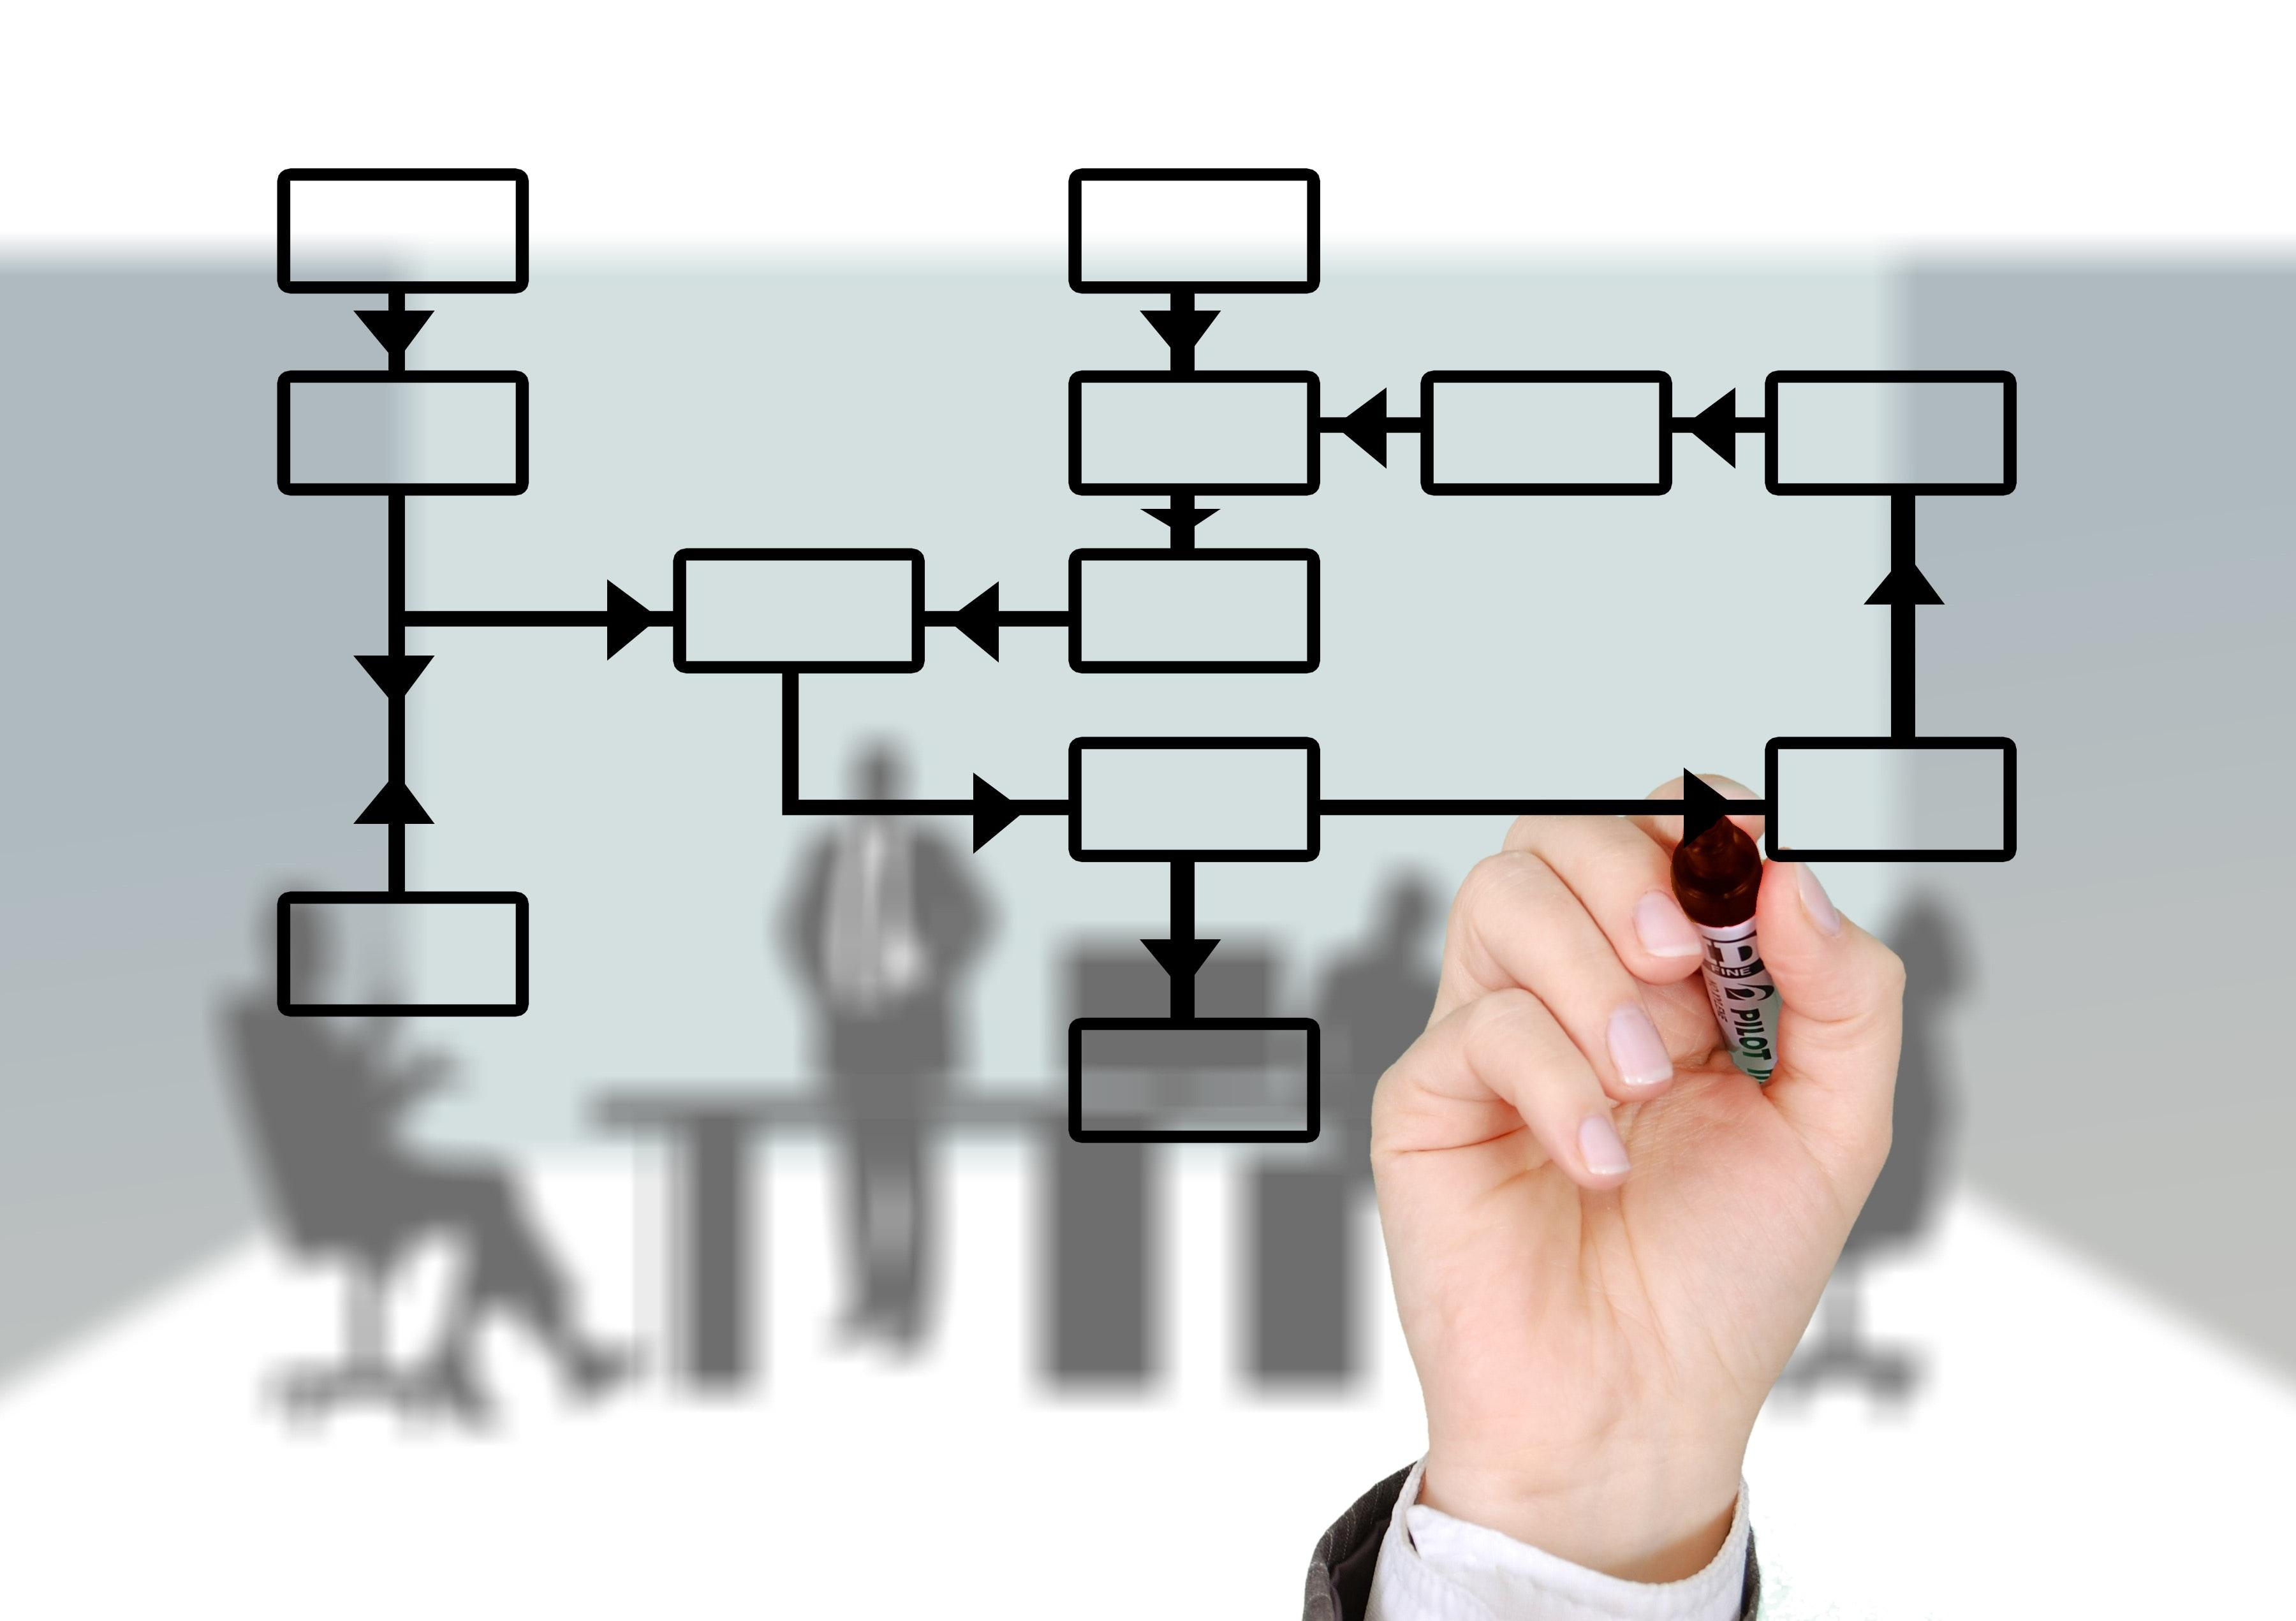 組織 論 バーナード 企業経営理論 組織論・組織の構造とは│アラフォーの中小企業診断士、英語、読書コツコツ日記